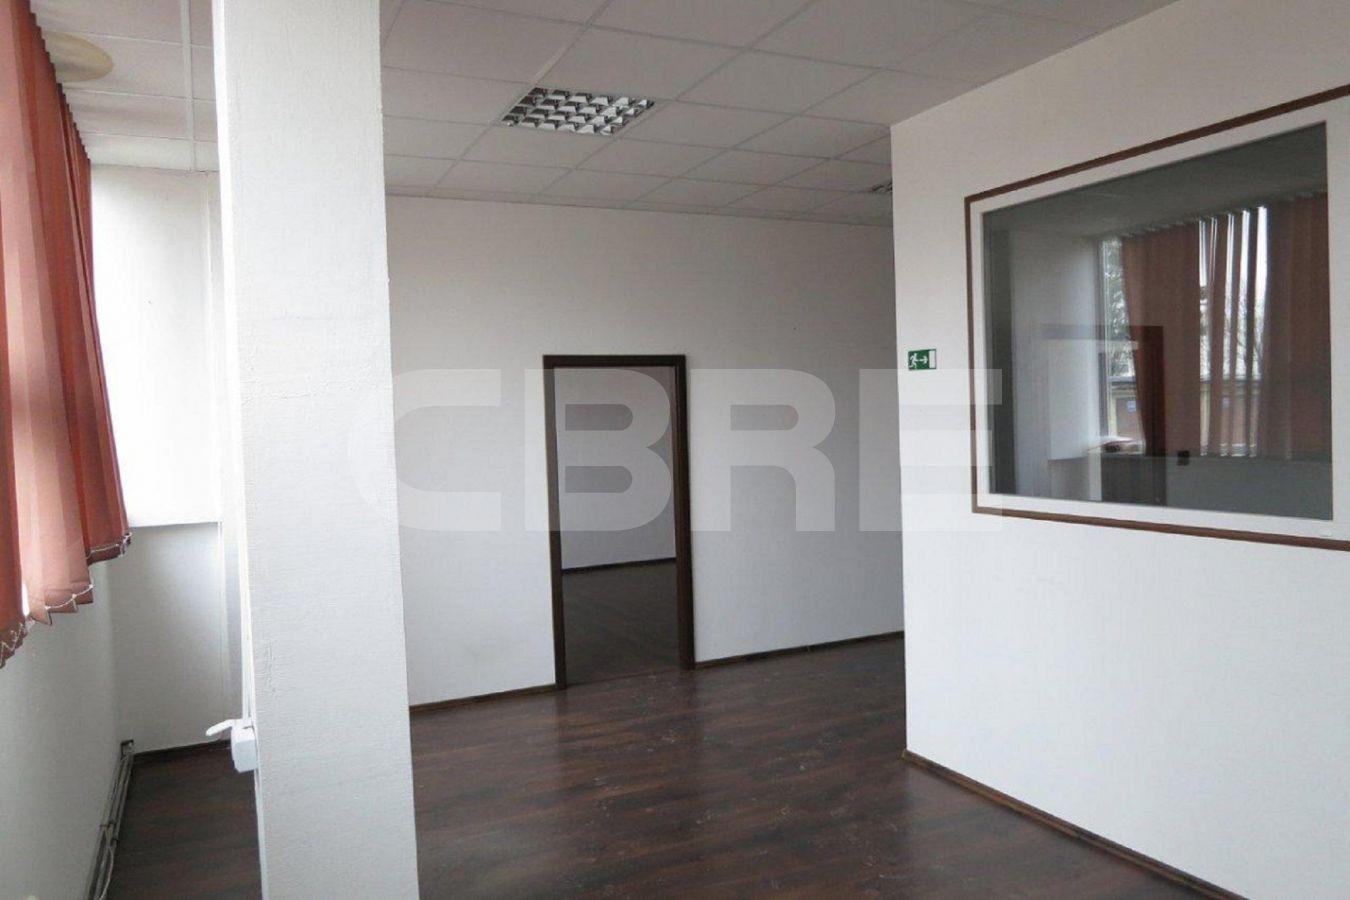 Uránová, Bratislava III. - 328 m2, Bratislavský kraj, Bratislava | Prenájom a predaj skladov a výrobných hál od CBRE | 5